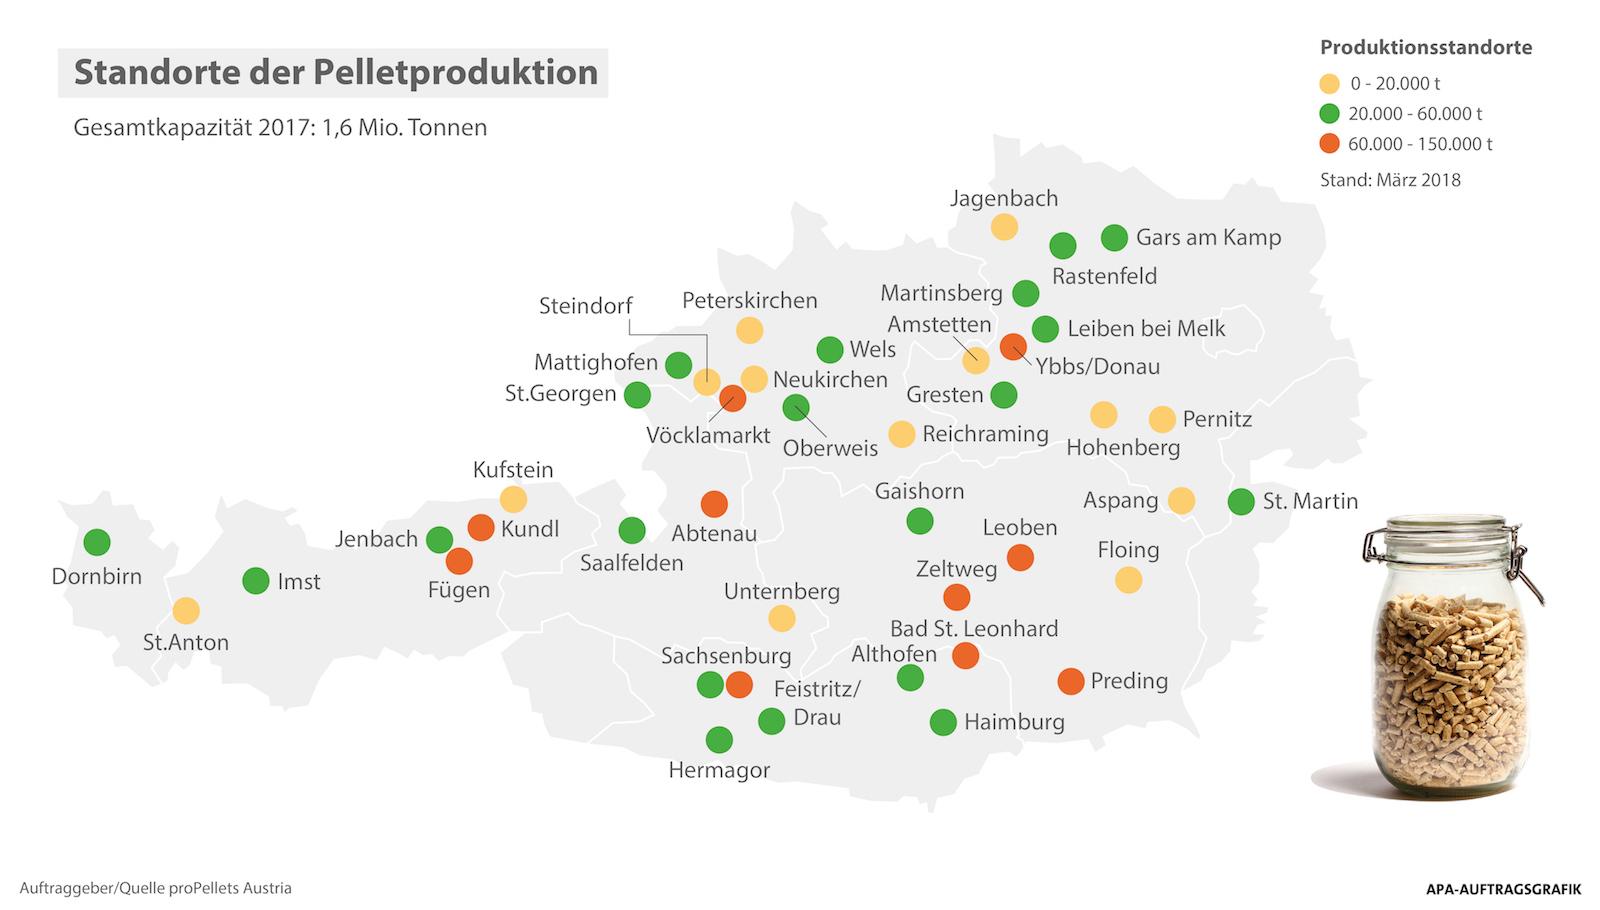 Gemütlich Enorme Ziehung Uml Online Fotos - Der Schaltplan ...